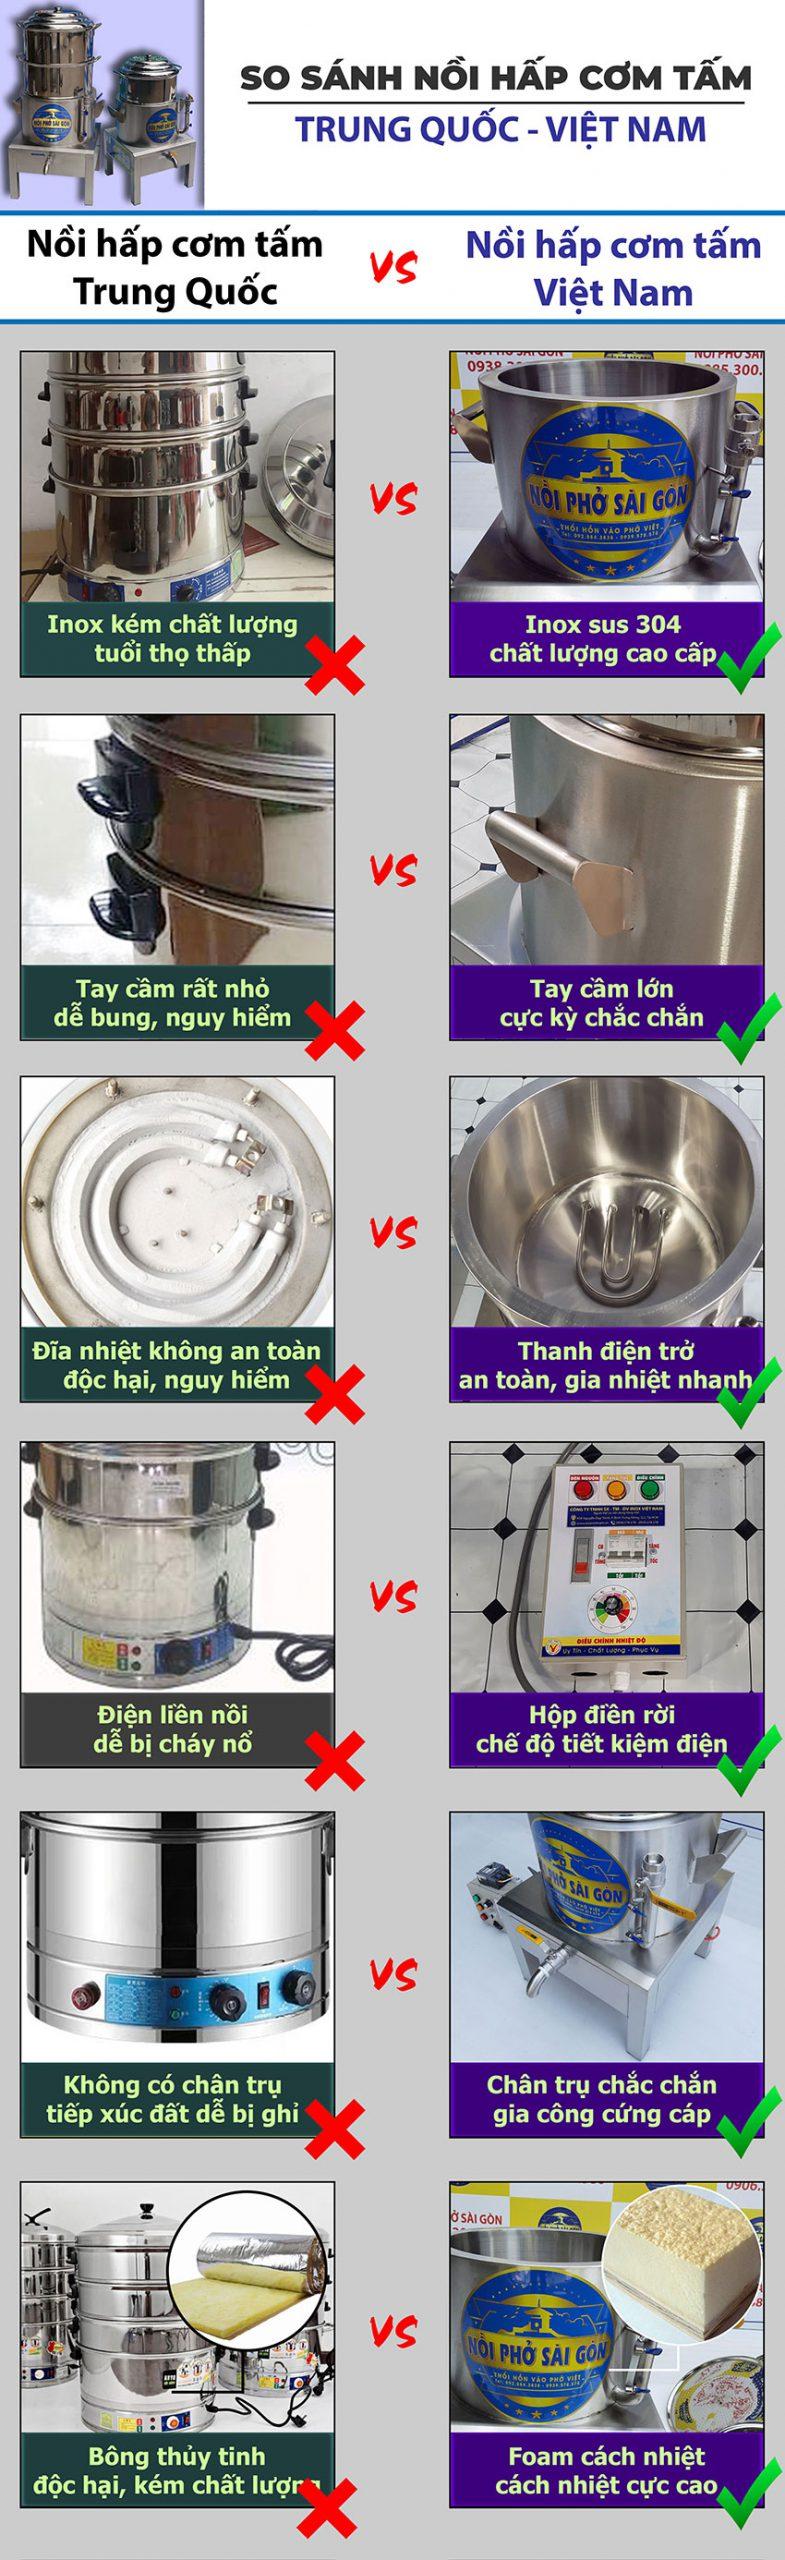 So sánh nồi hấp cơm tấm bằng điện Việt Nam - Trung Quốc